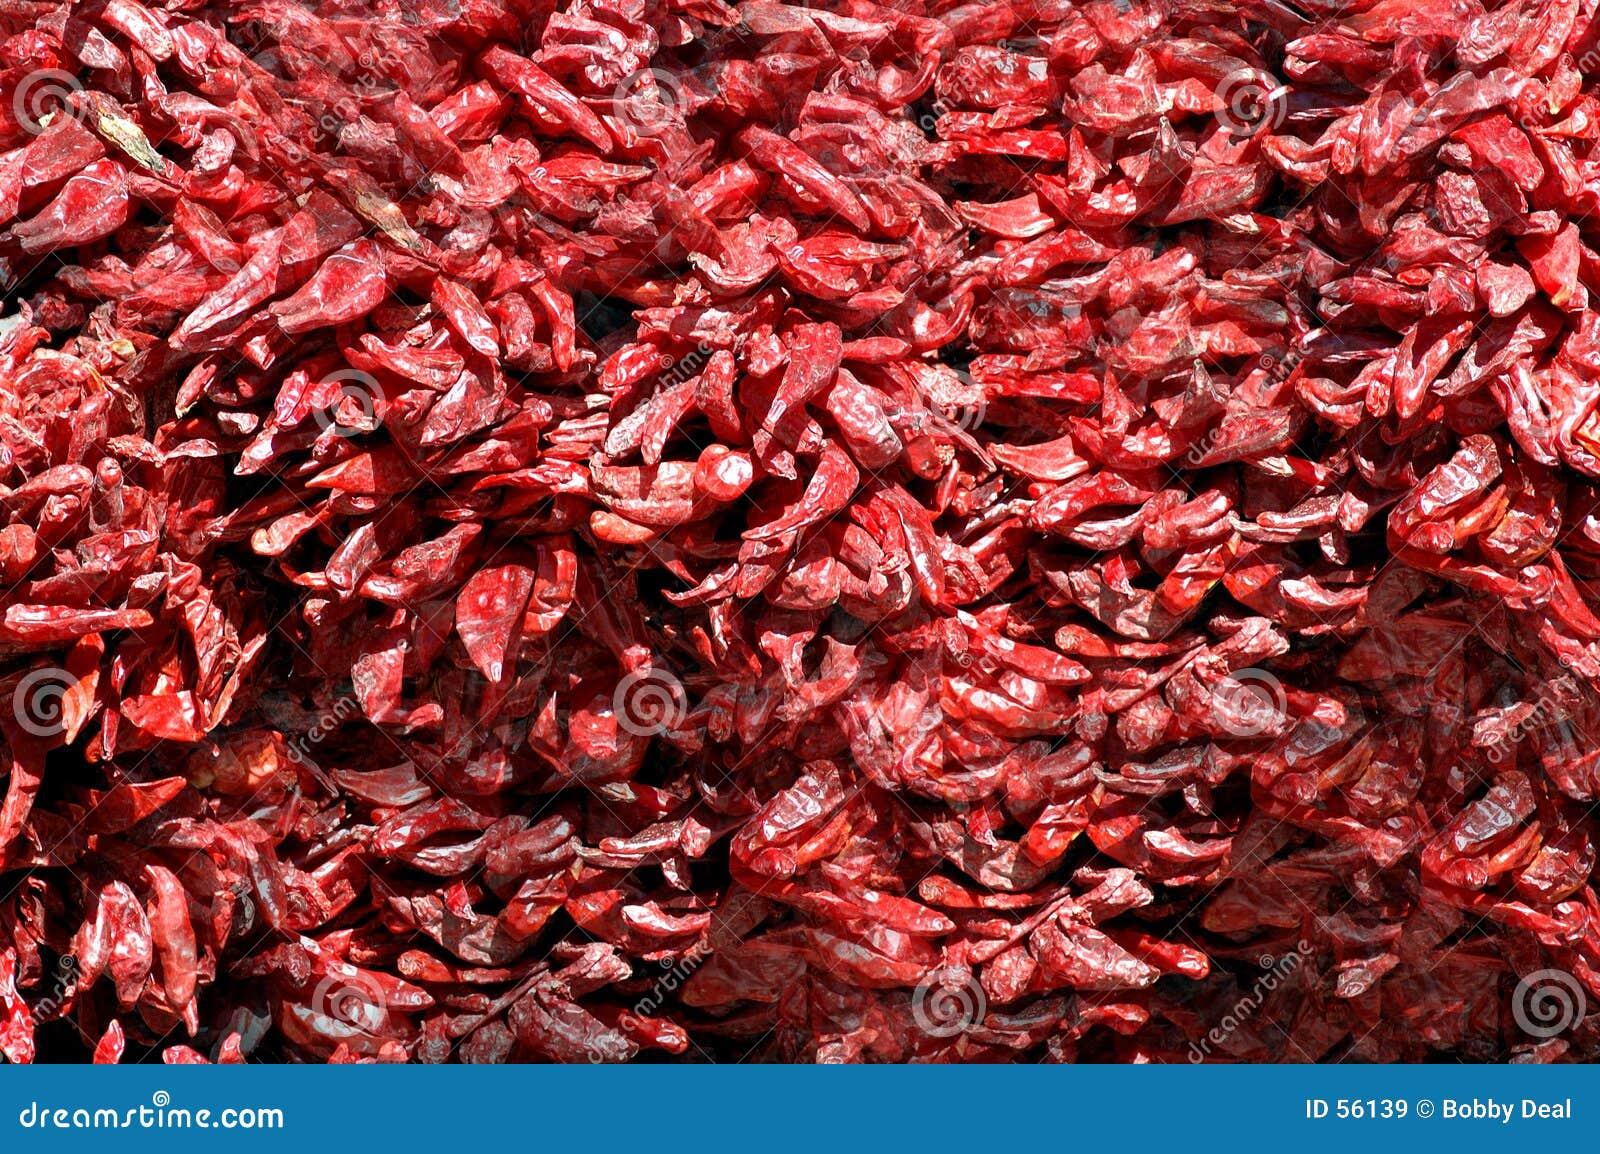 Red Chili Ristras